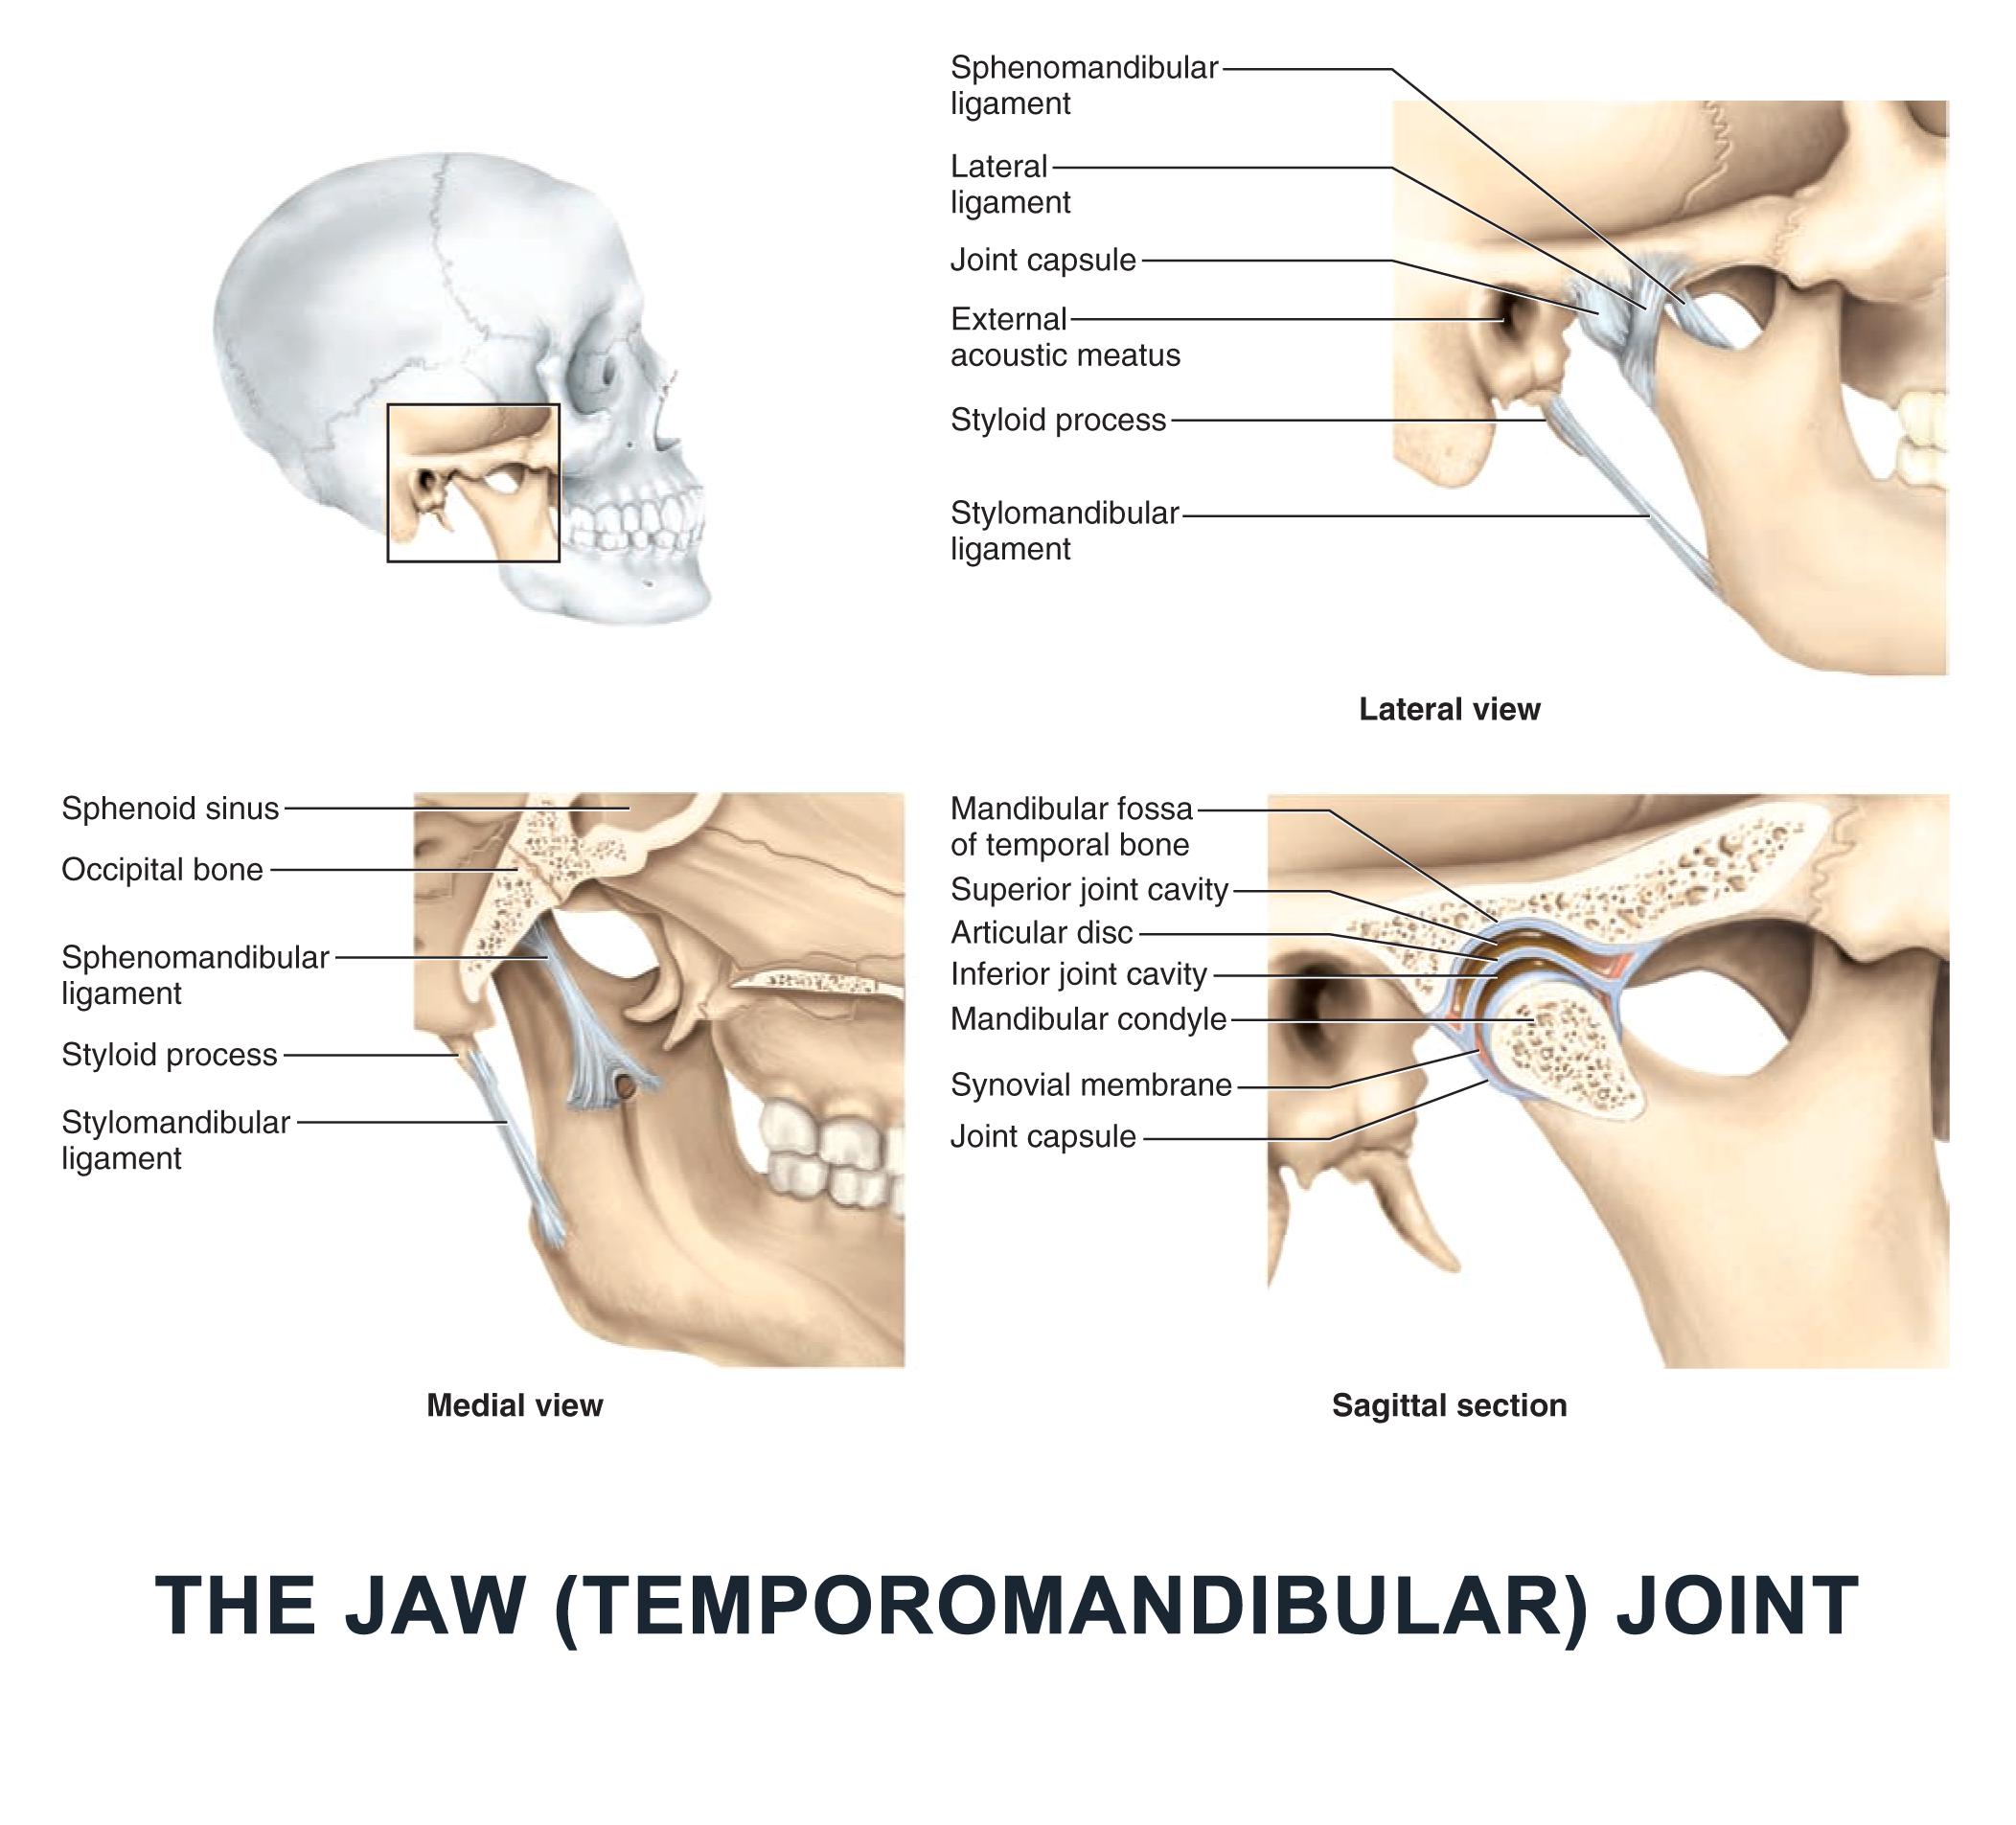 The Jaw Temporomandibular Joint Anatomy Images Illustrations